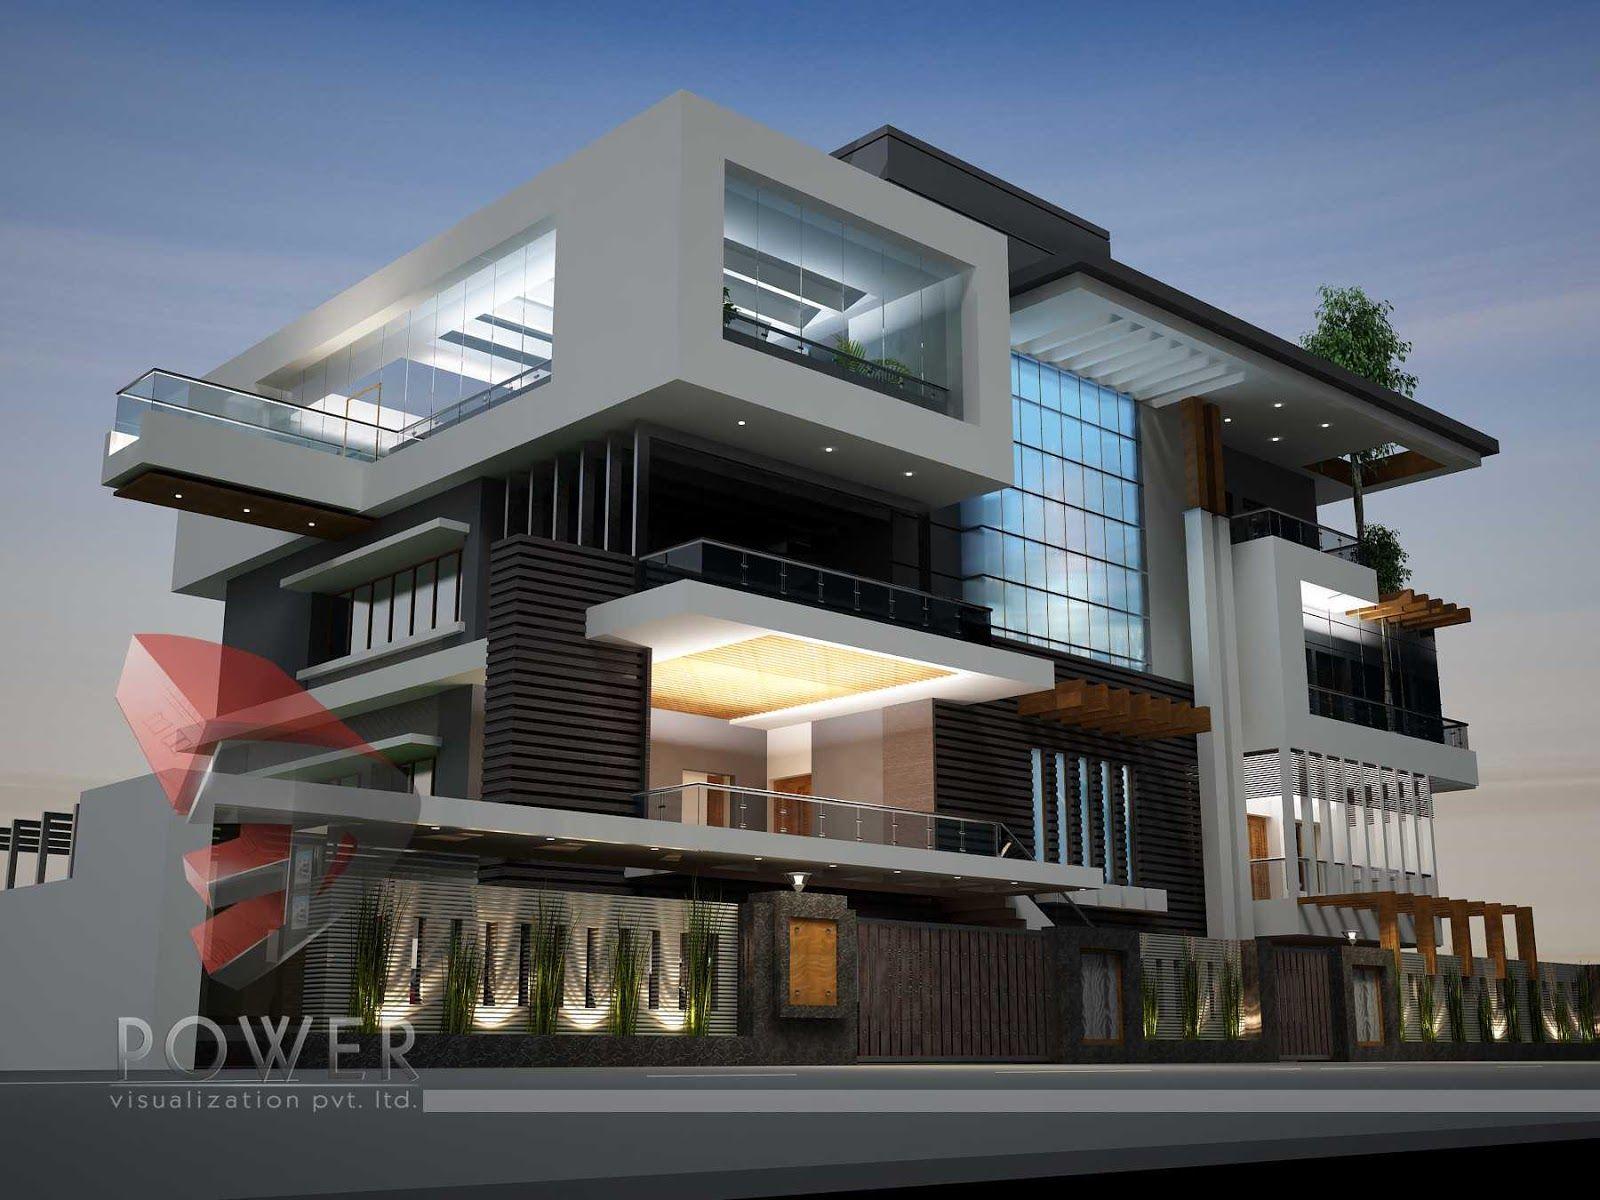 2 Bedroom Modern House Plans 5bedroommodernhouseplans Modern